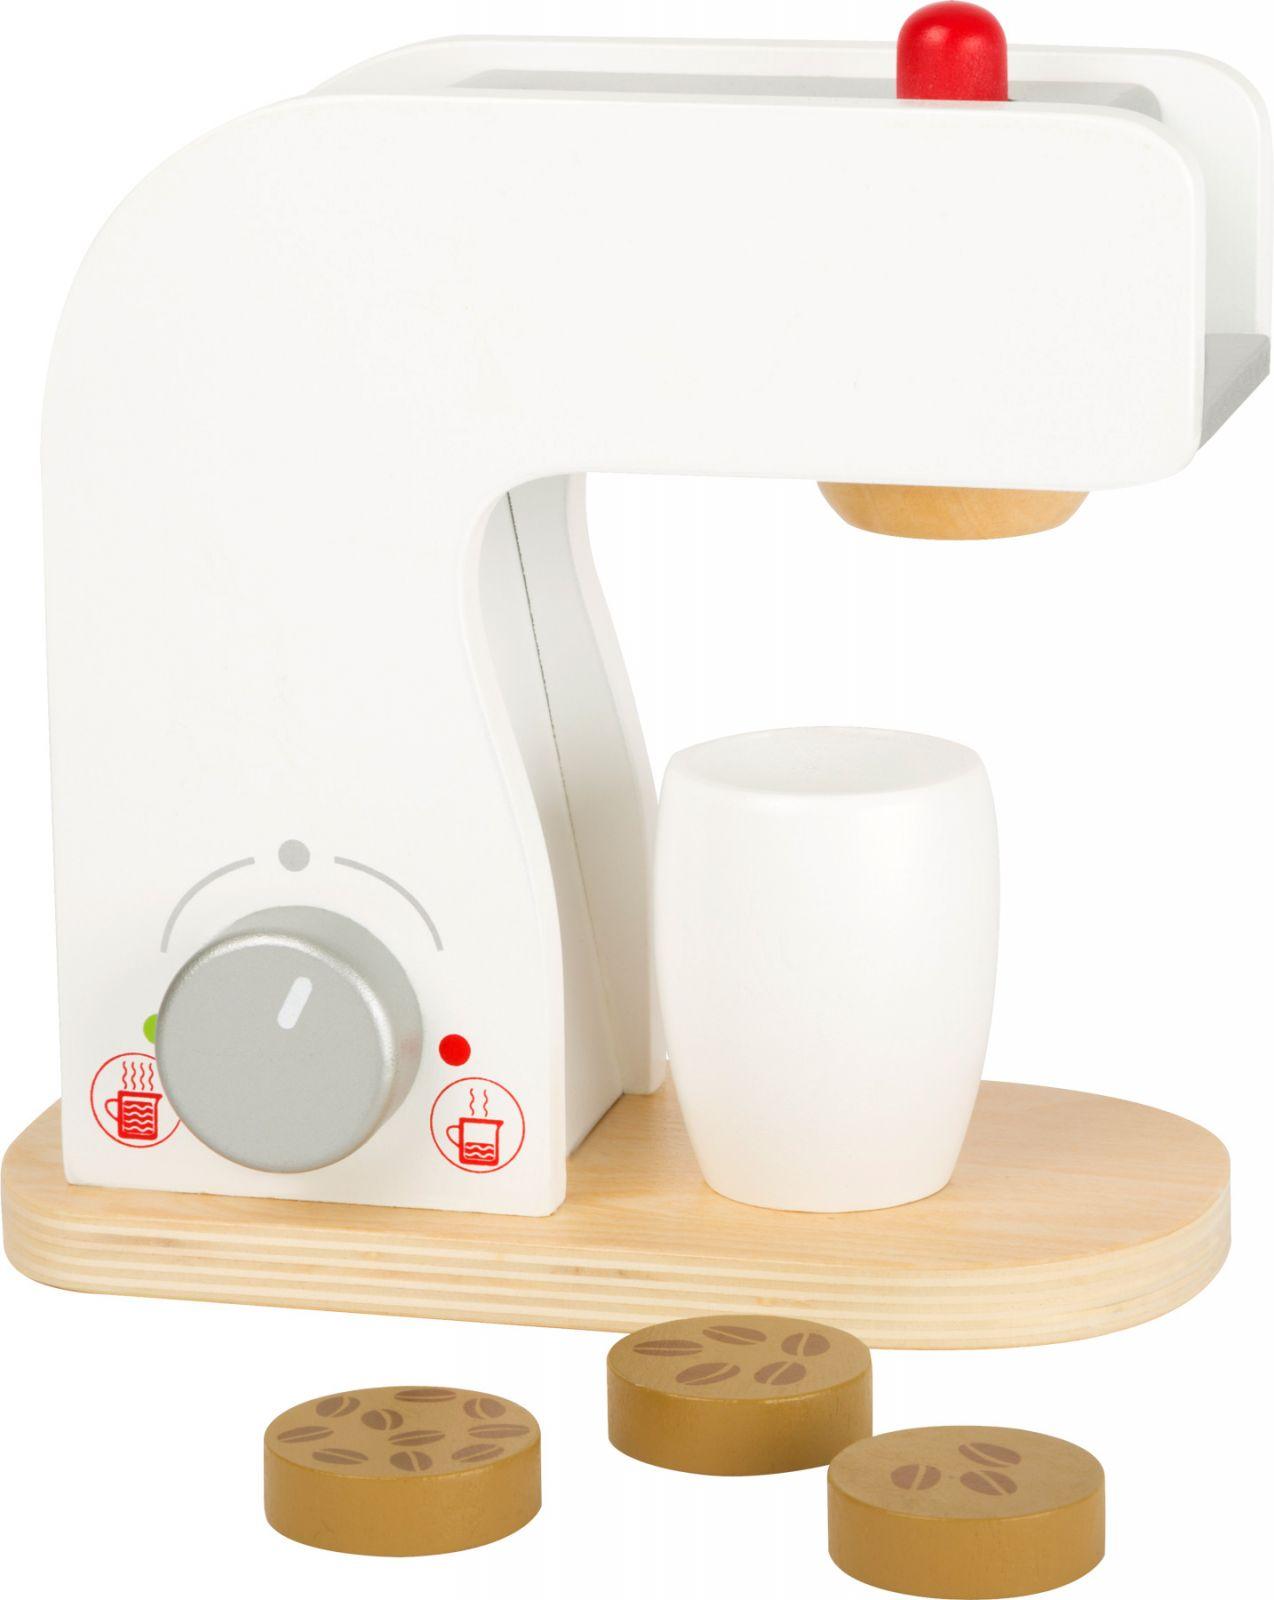 Dřevěné hračky Small Foot Dětský kávovar Small foot by Legler